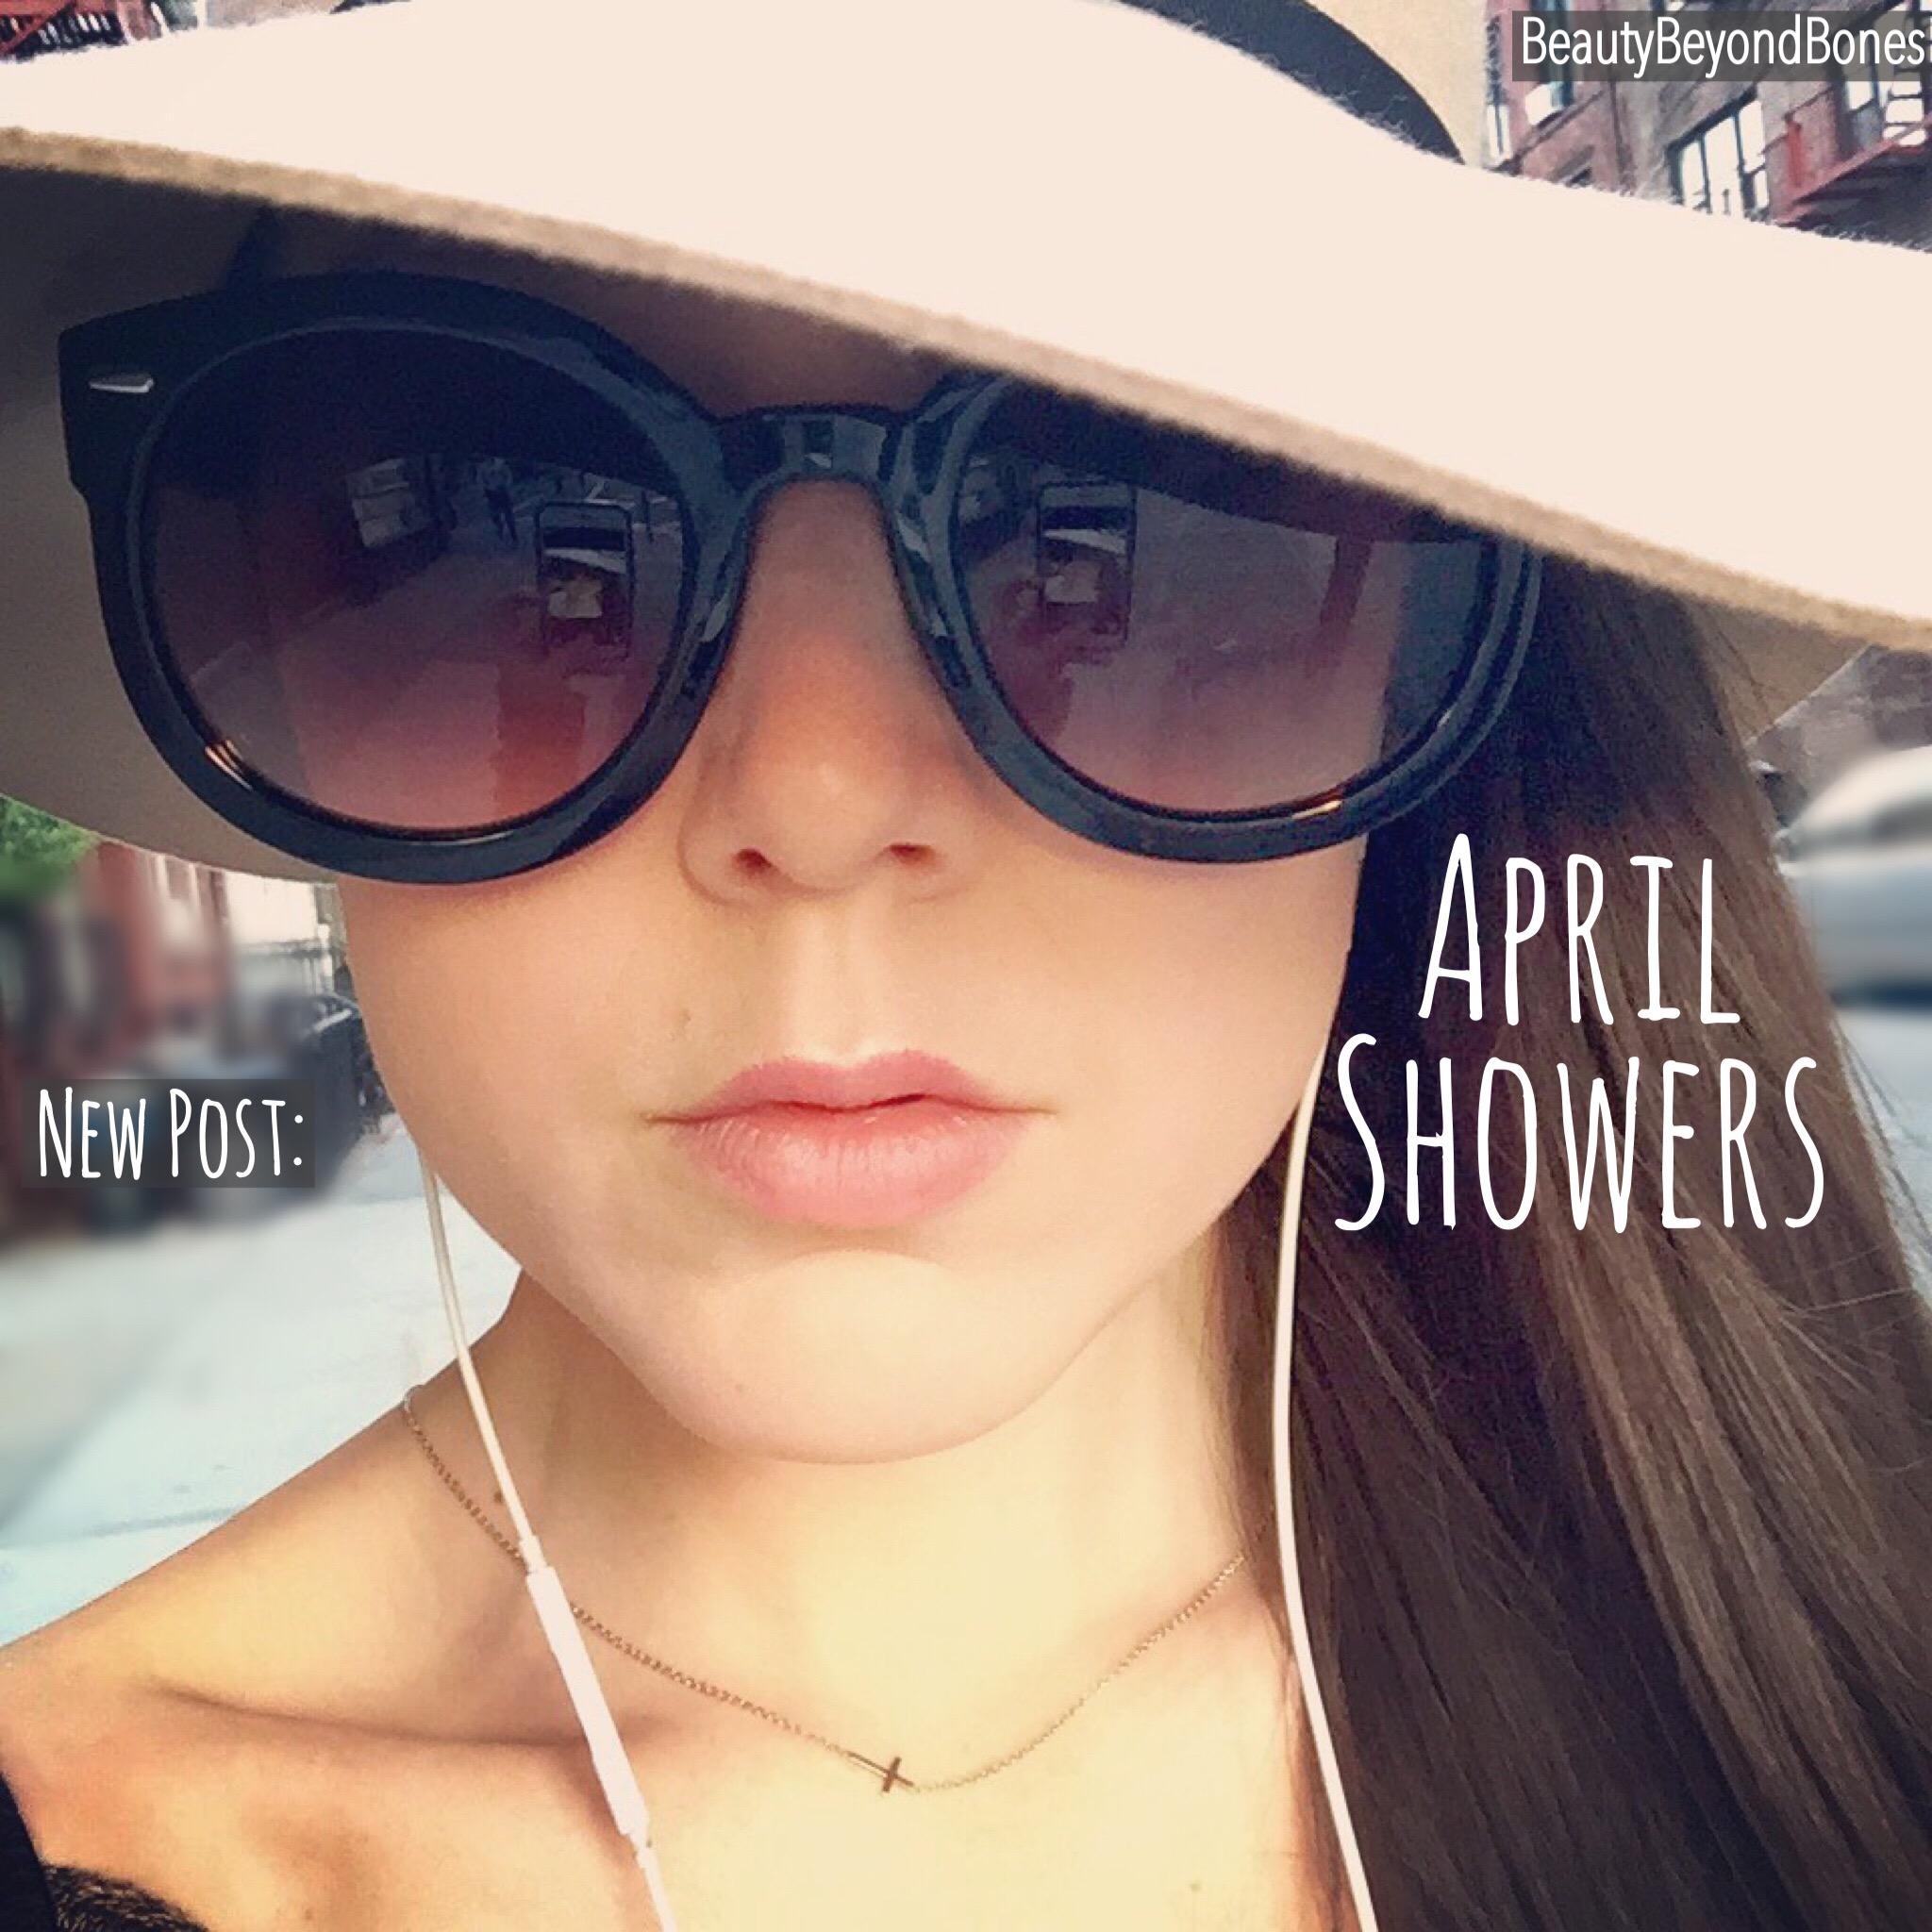 Spring Showers Bring Wet Basements: BeautyBeyondBones